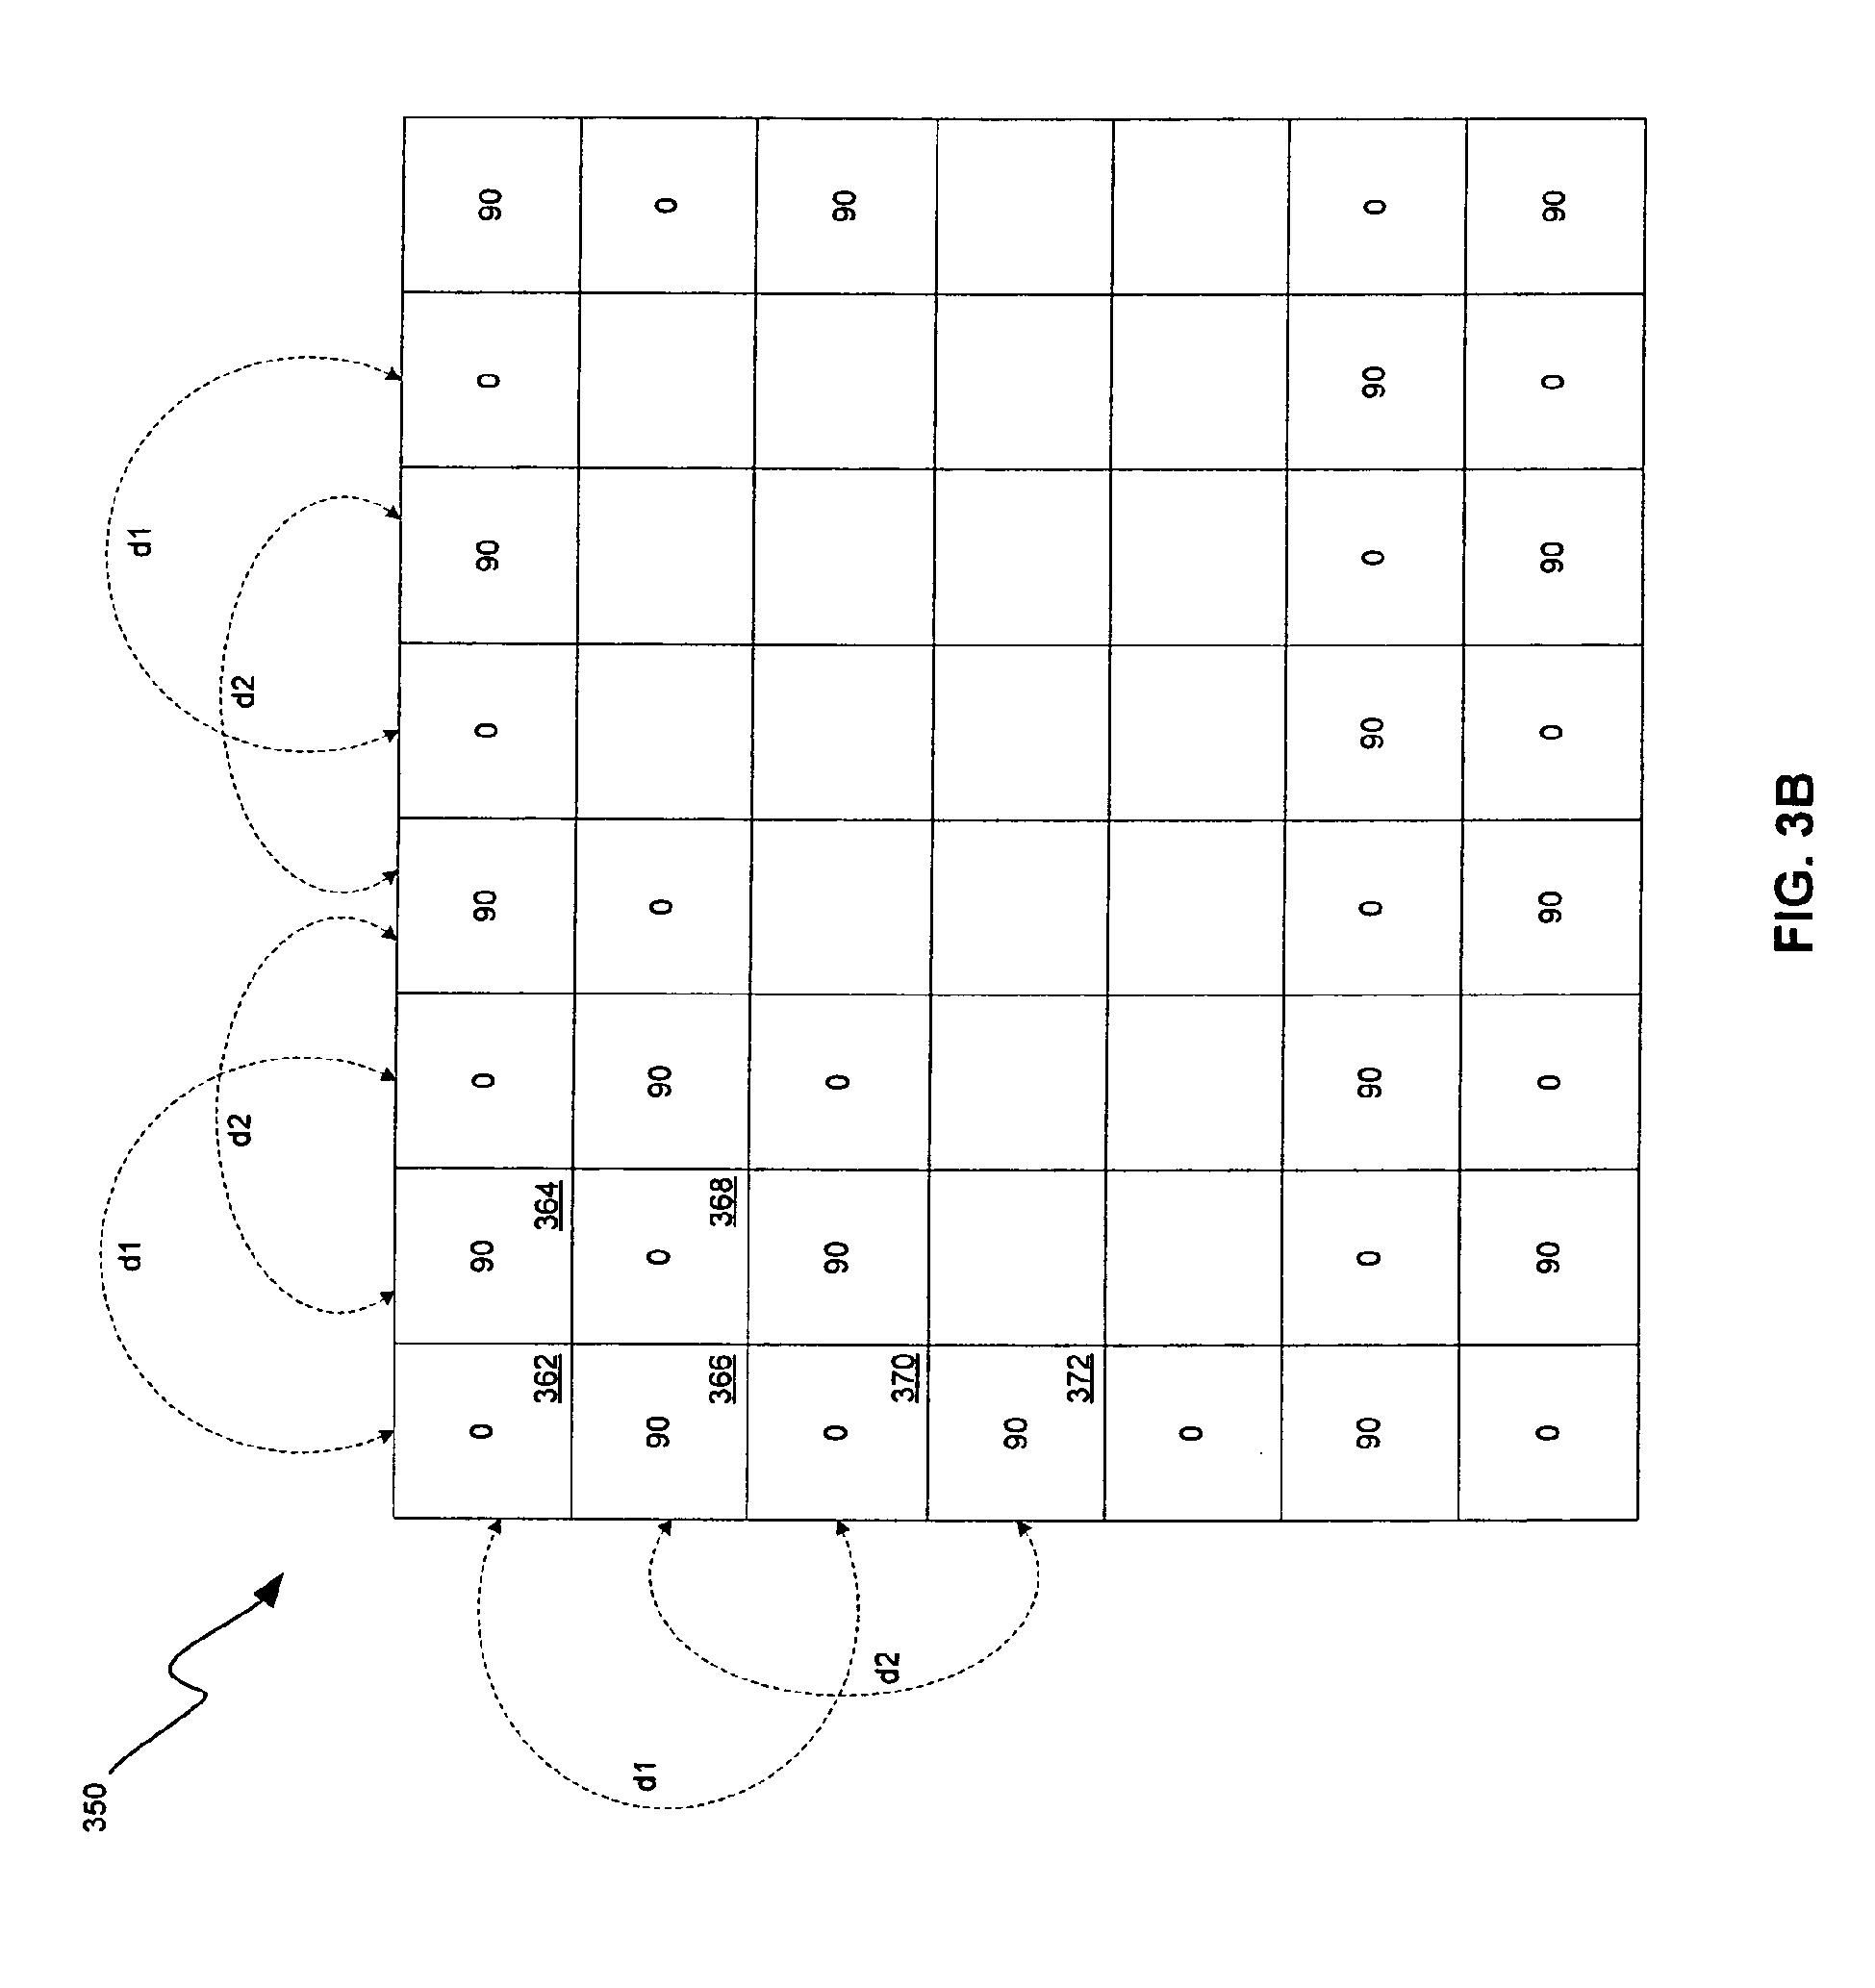 专利ep1906556a1 - method